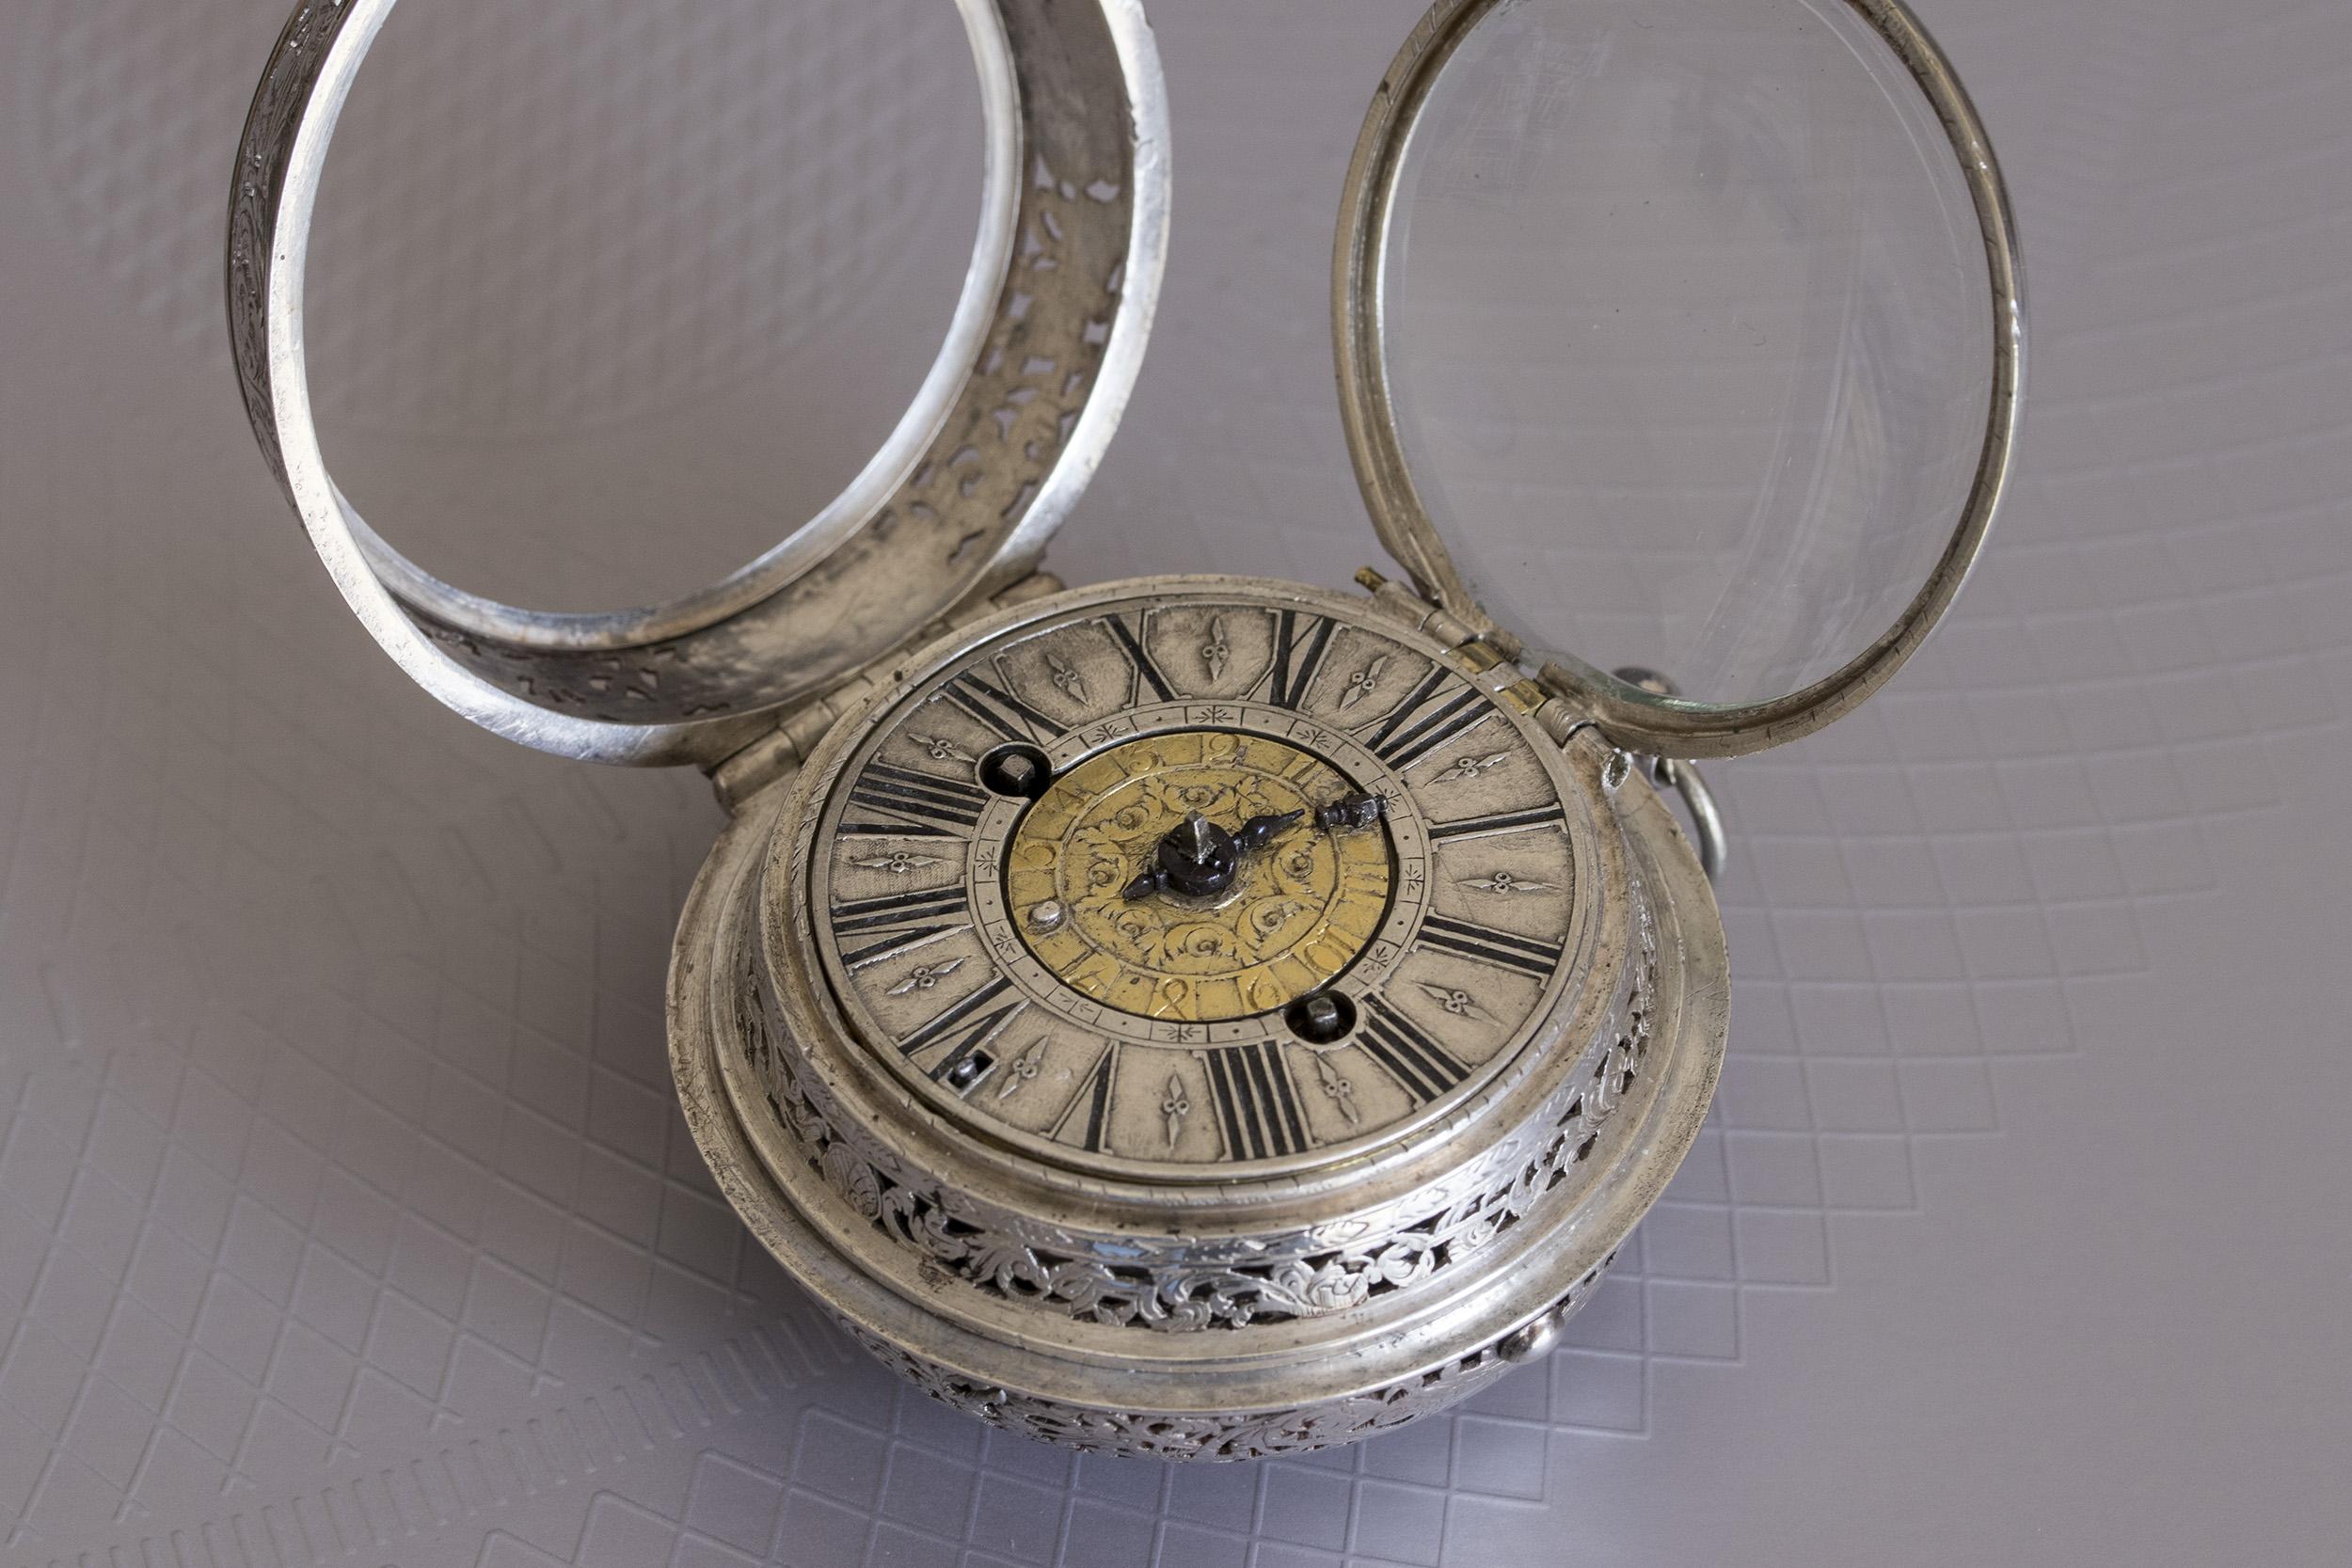 Un oignon alarme de 1700 signé Duquesne à Paris 40728981773_58ddc96fa2_o